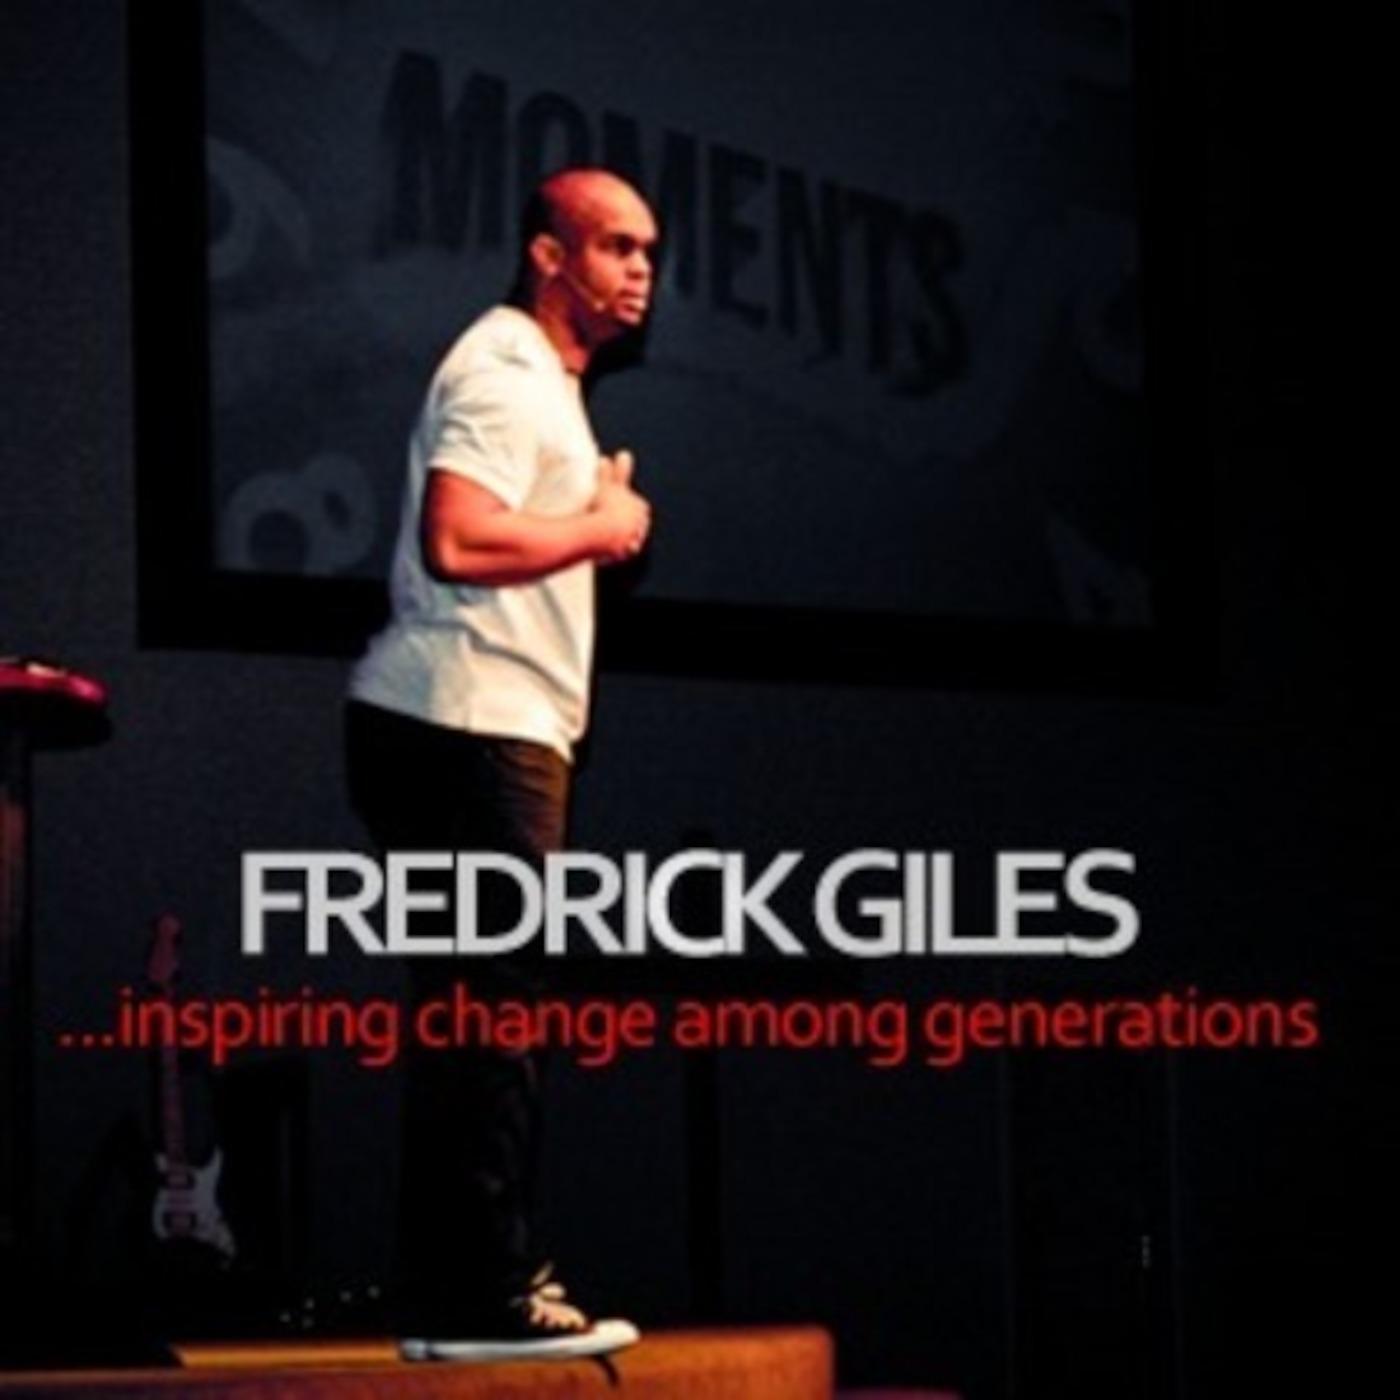 Fredrick Giles